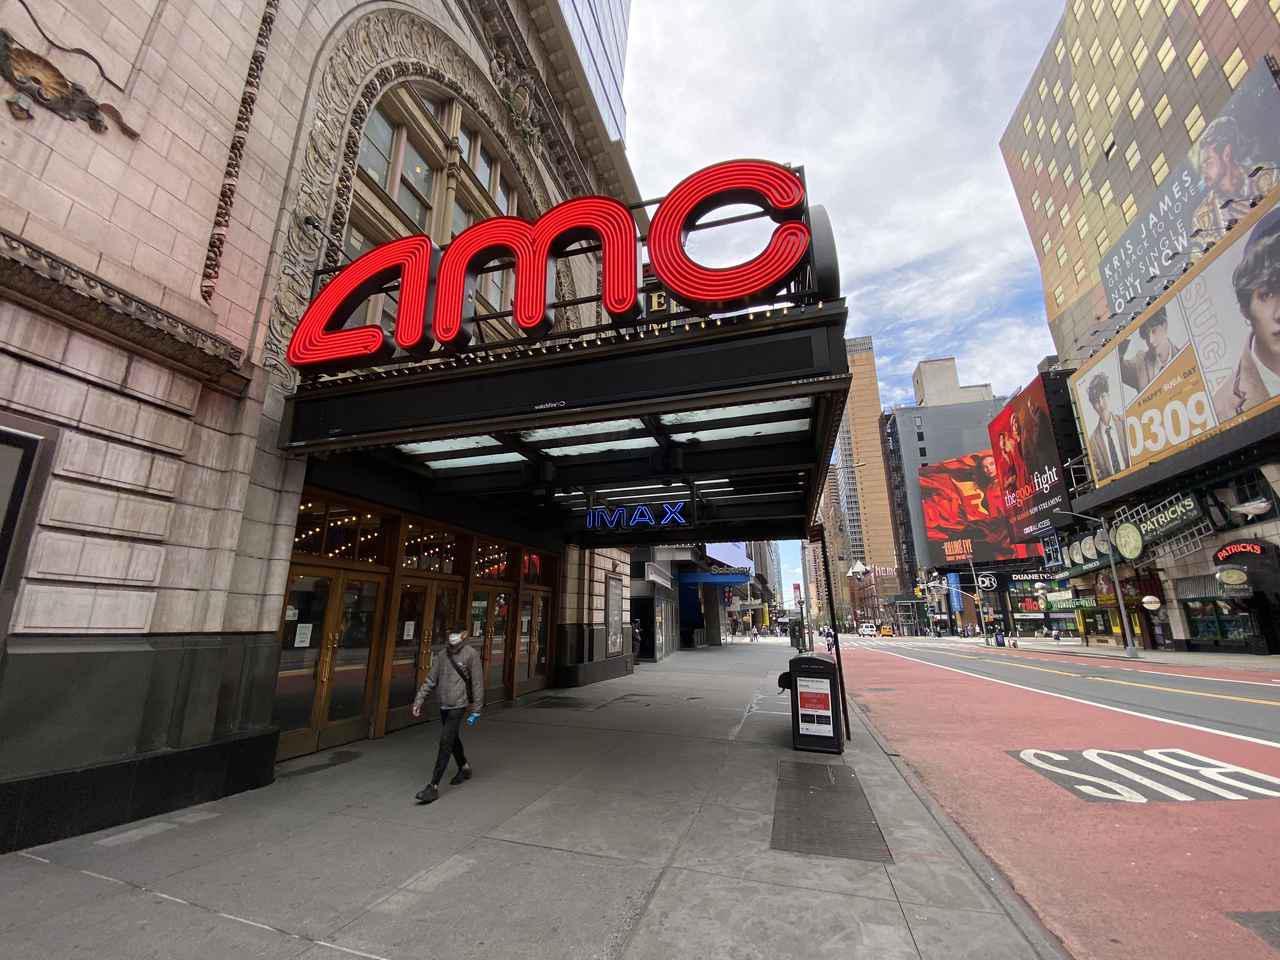 画像: 【2020年映画界総決算1】2020年のアメリカ映画界を振り返る - SCREEN ONLINE(スクリーンオンライン)